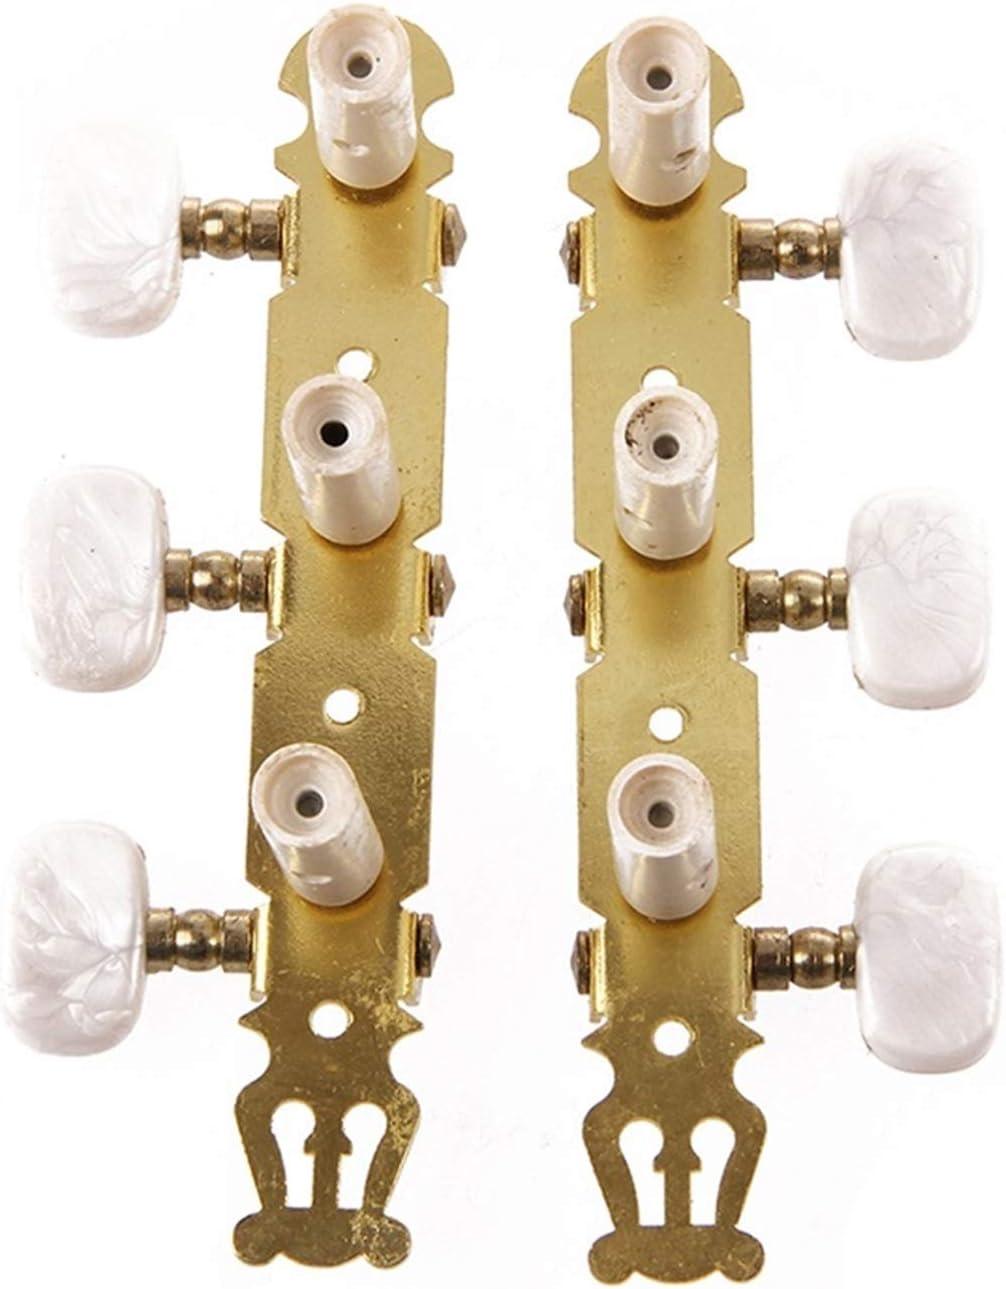 Clavijas de afinación de guitarra acústica, Un conjunto de teclas de ajuste de guitarra clásica PEGS Machine Heads Tuner Partes de guitarra (Color : Gold)